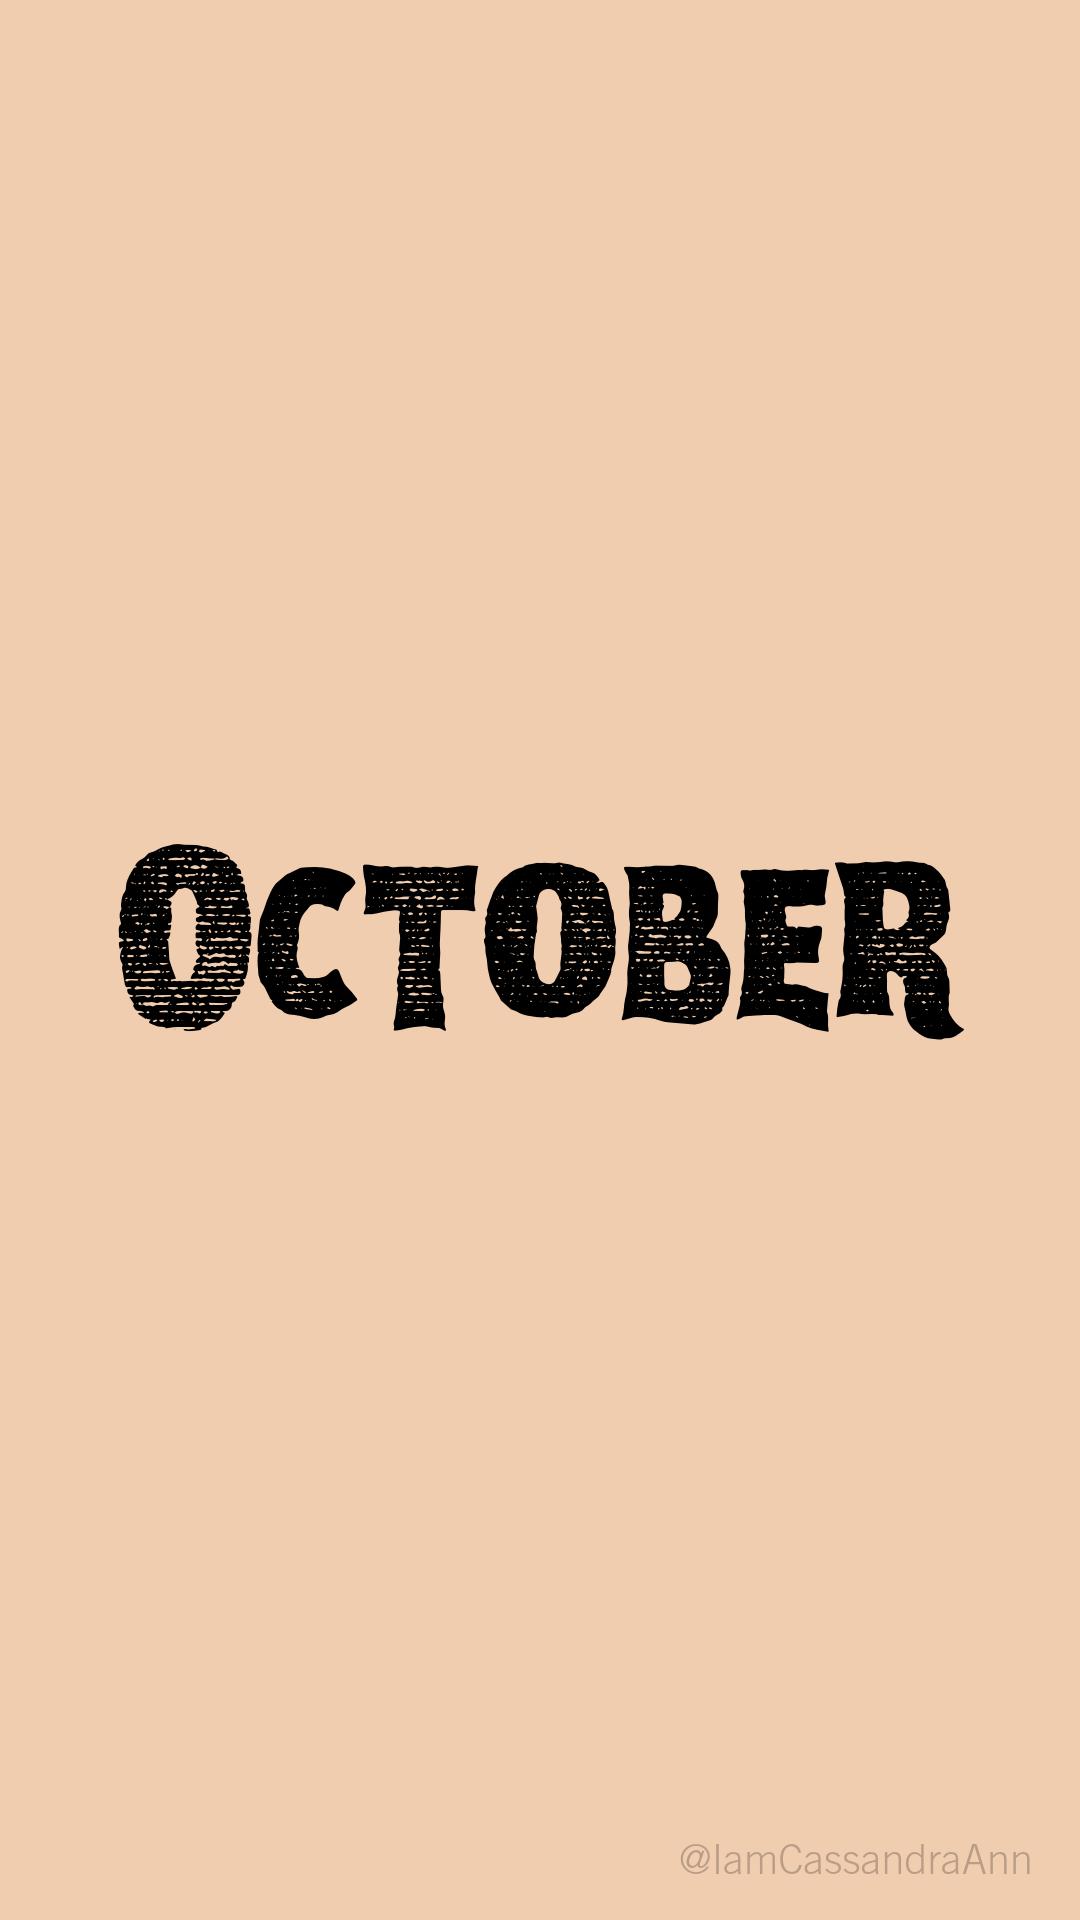 470+Fall October Wallpaper